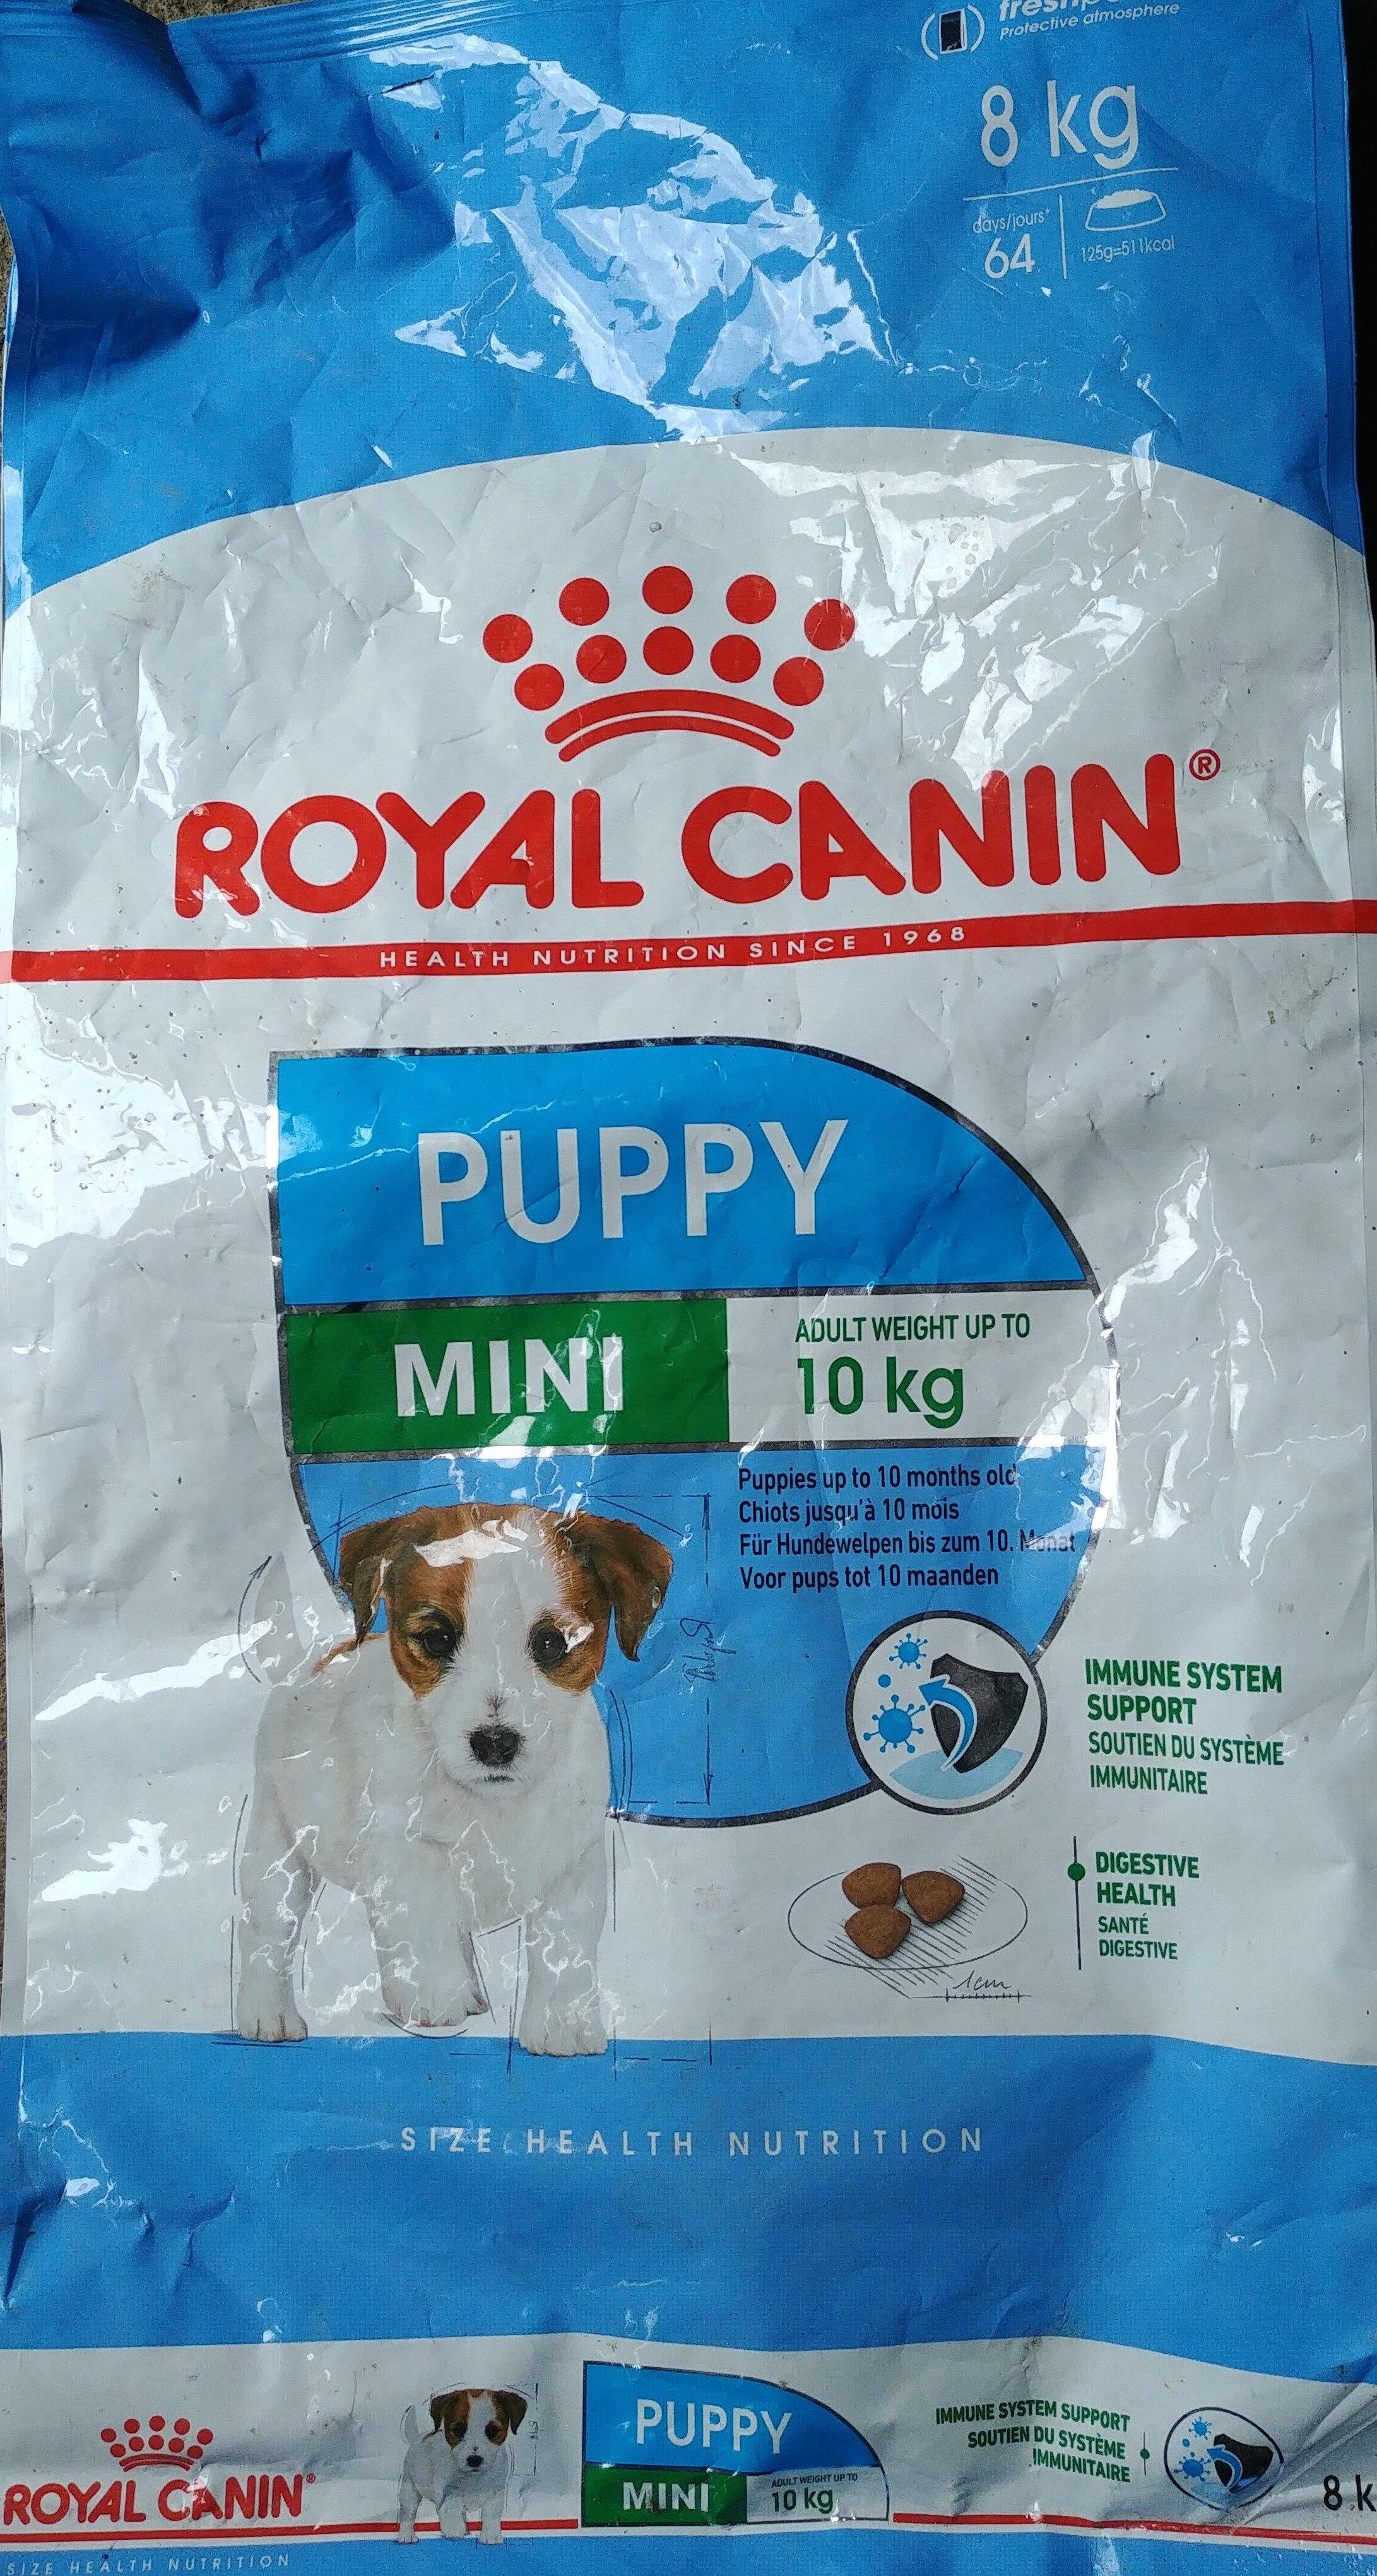 Pełnoporcjowa karma dla psów - dla szczeniąt ras małych (masa ciała psa dorosłego od 1 do 10 kg) do 10 miesiąca życia. - Product